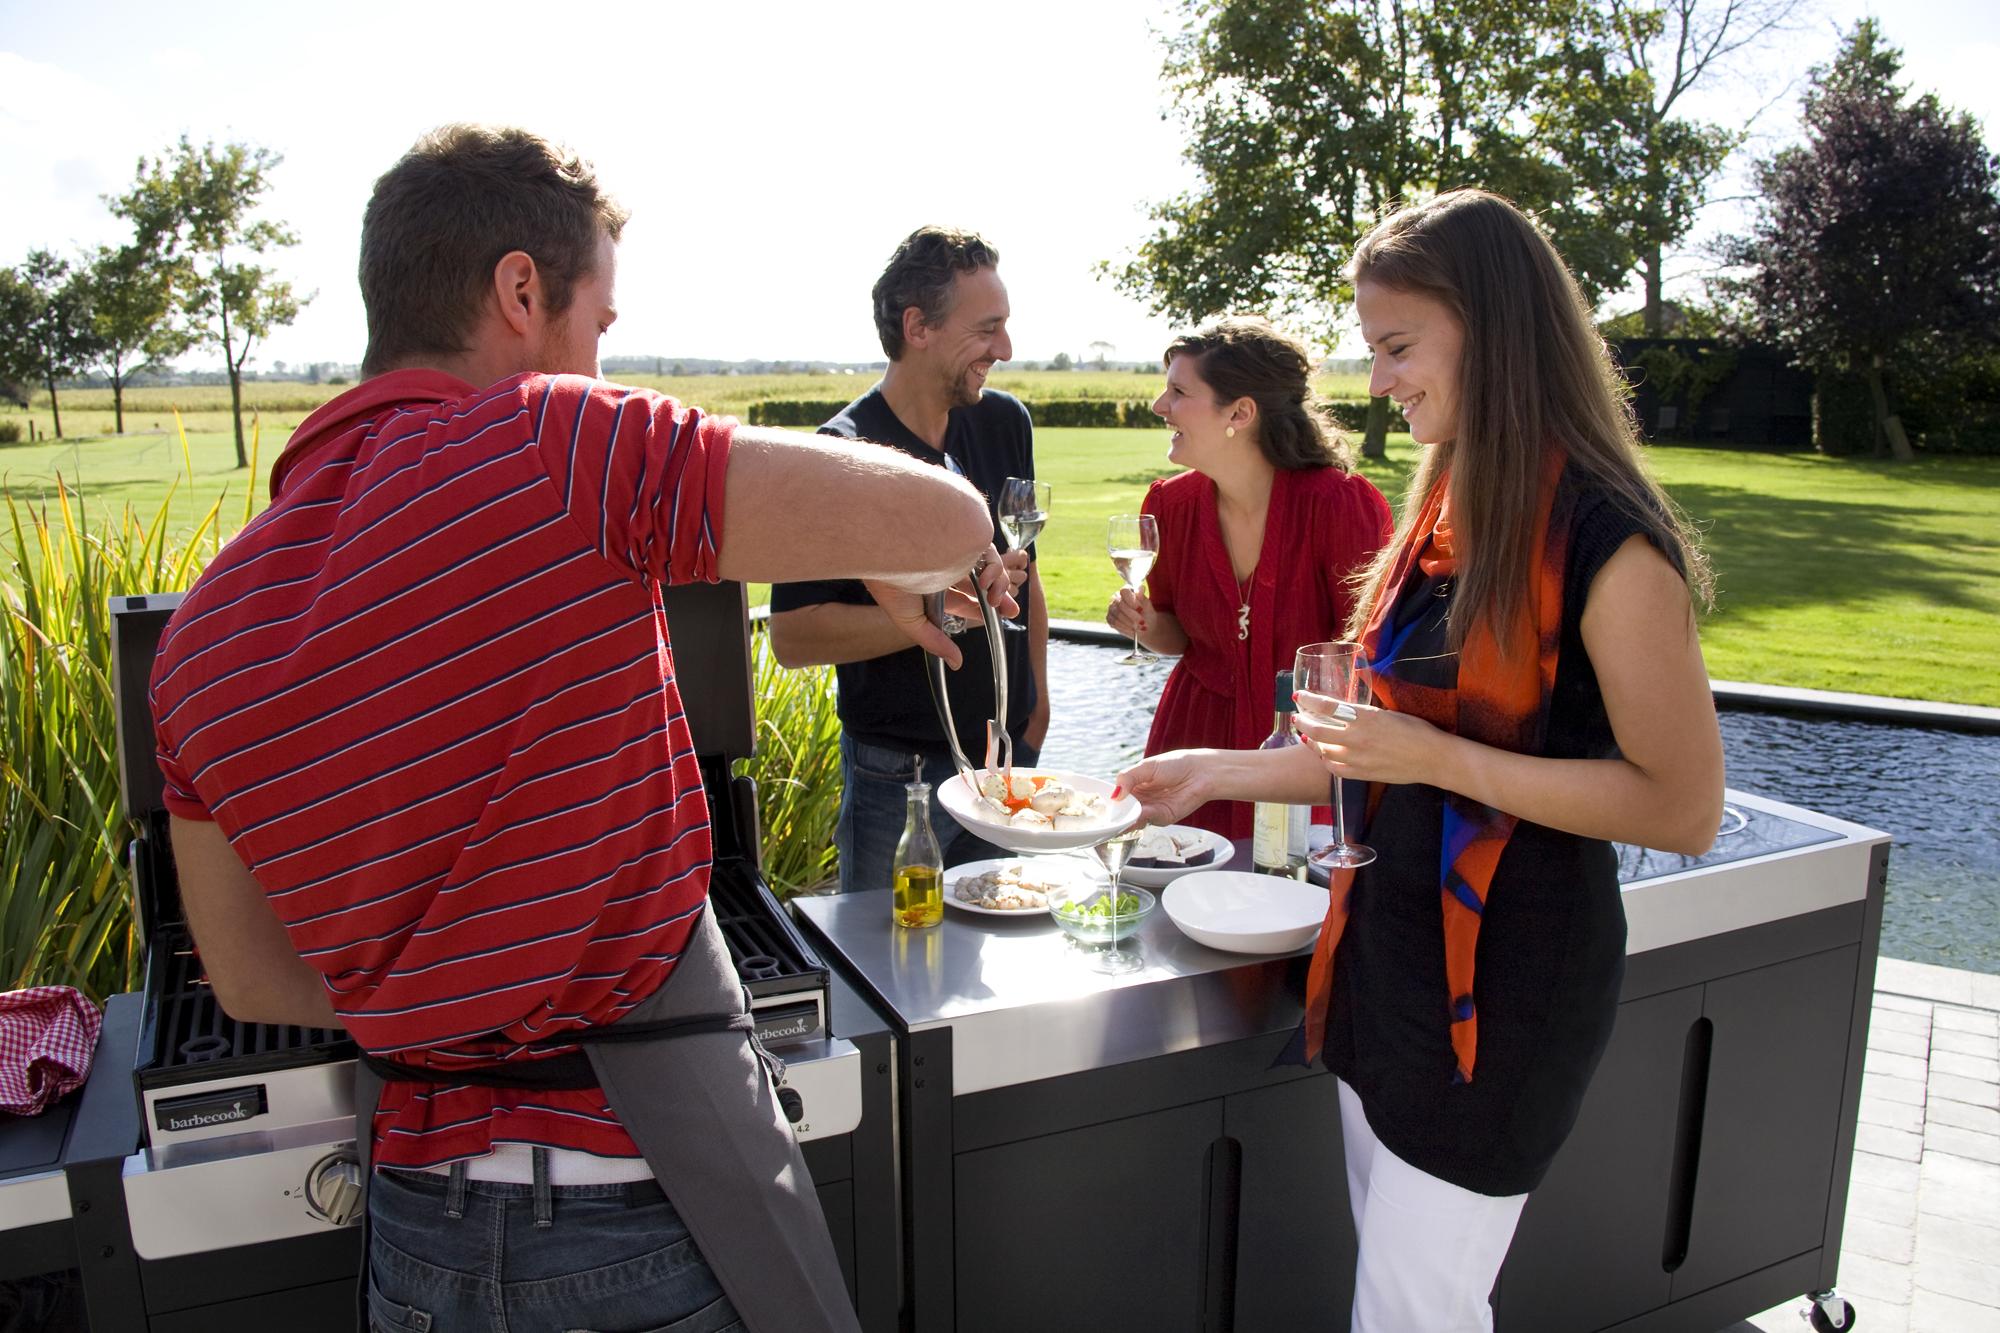 Outdoorküche Zubehör Preise : Gartenküche und outdoorküche grillen im garten